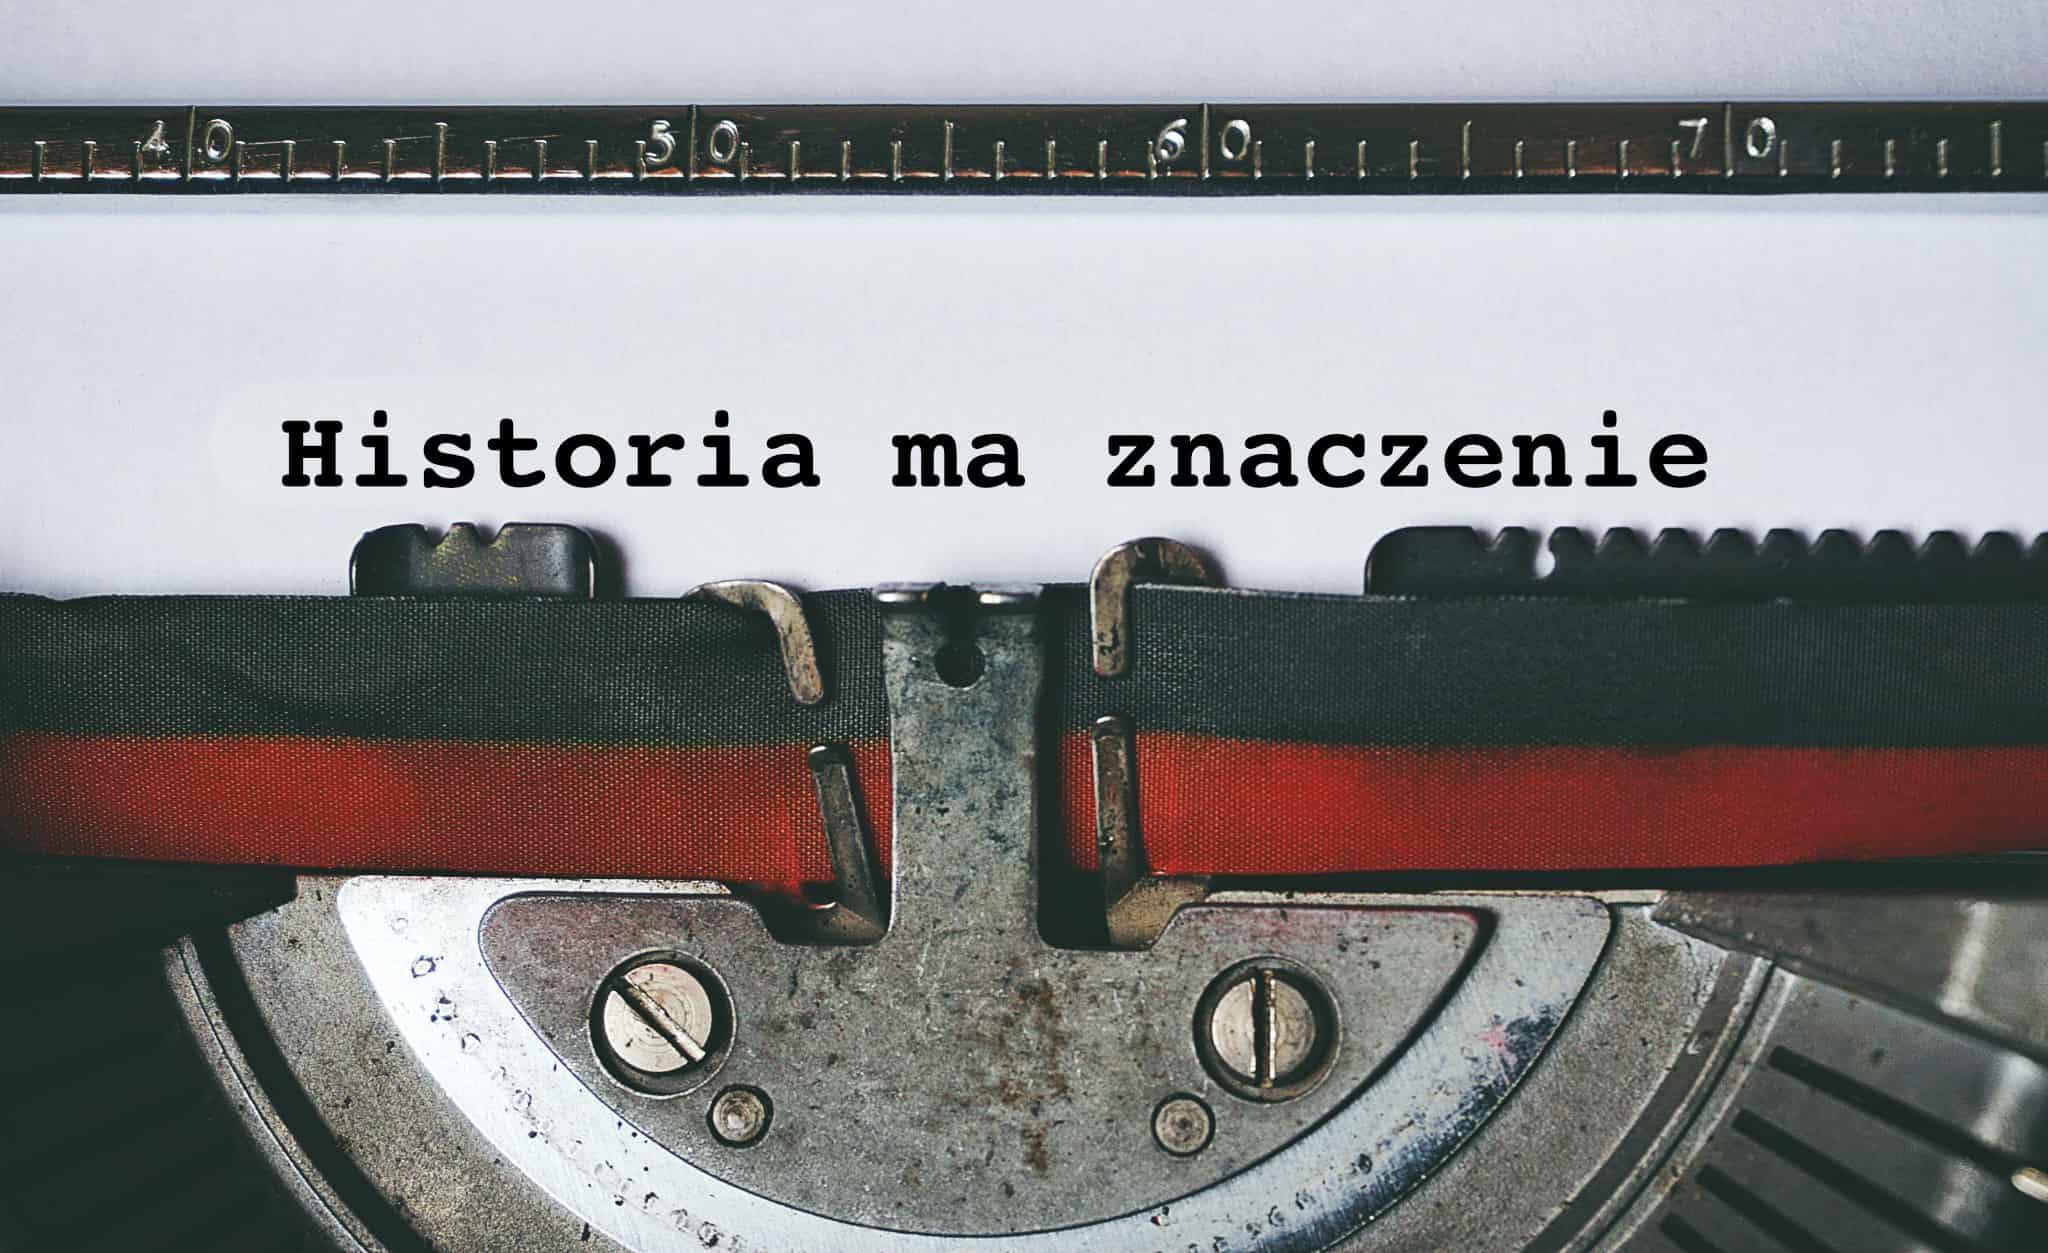 Historia ma znaczenie